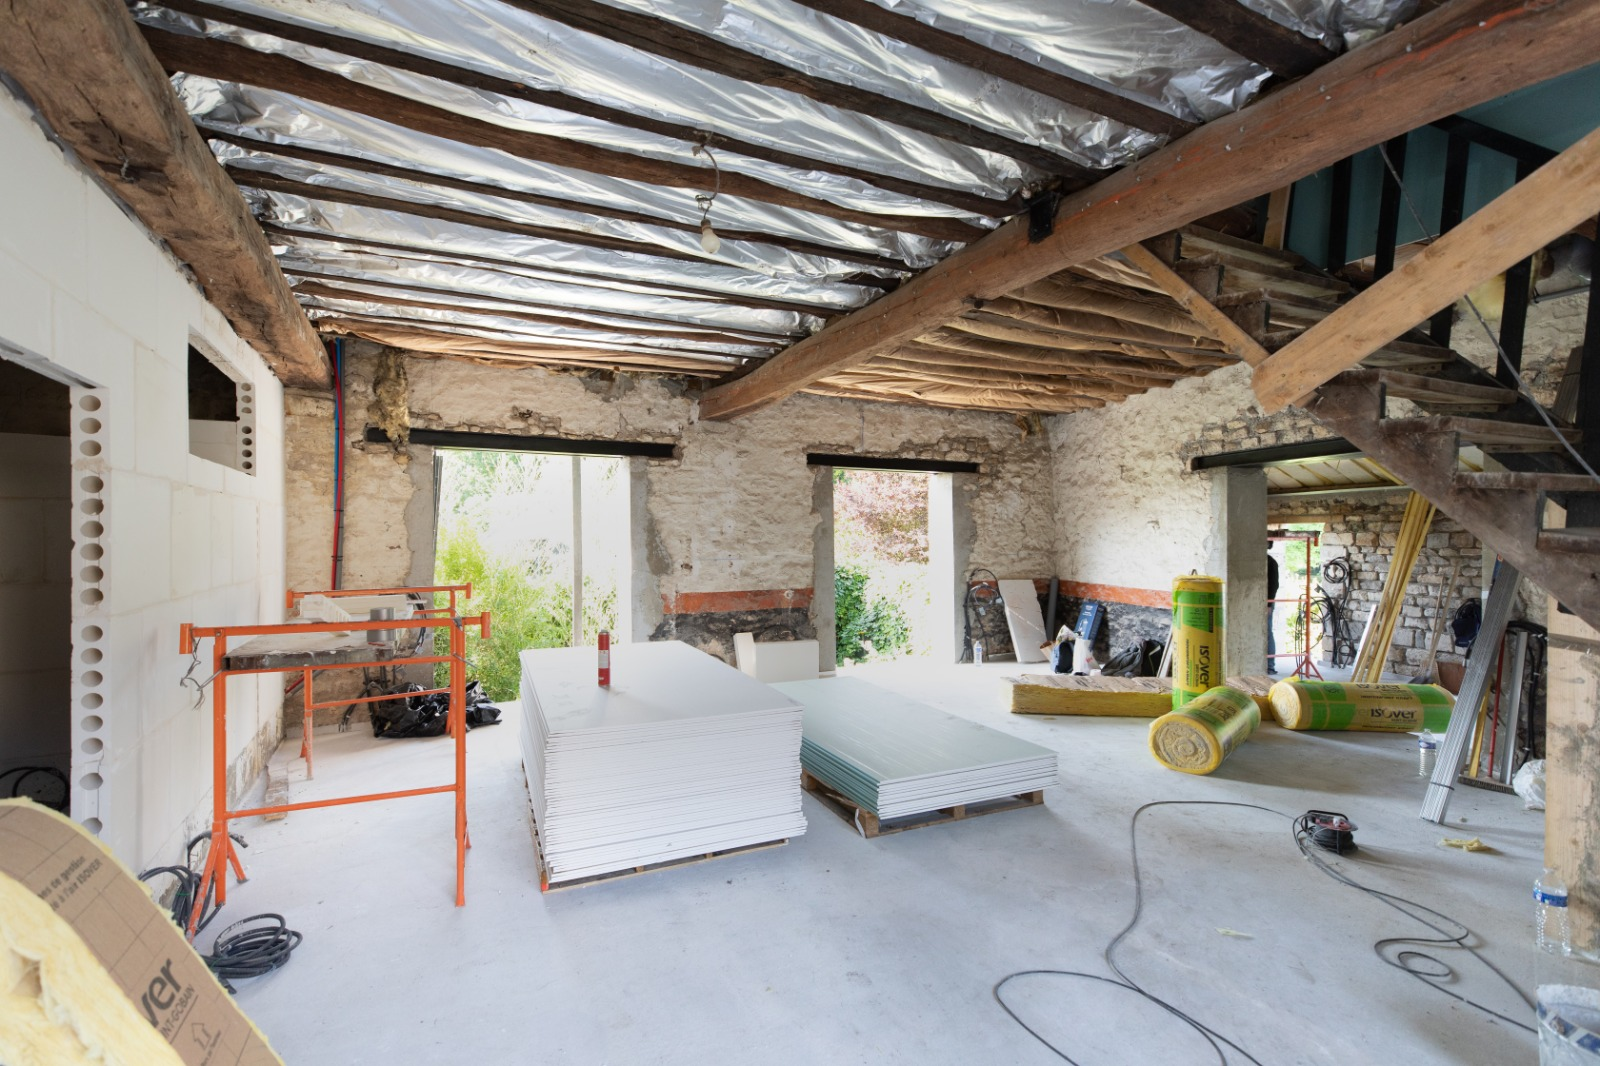 Coup de pouce rénovation globale en maison individuelle 1 an